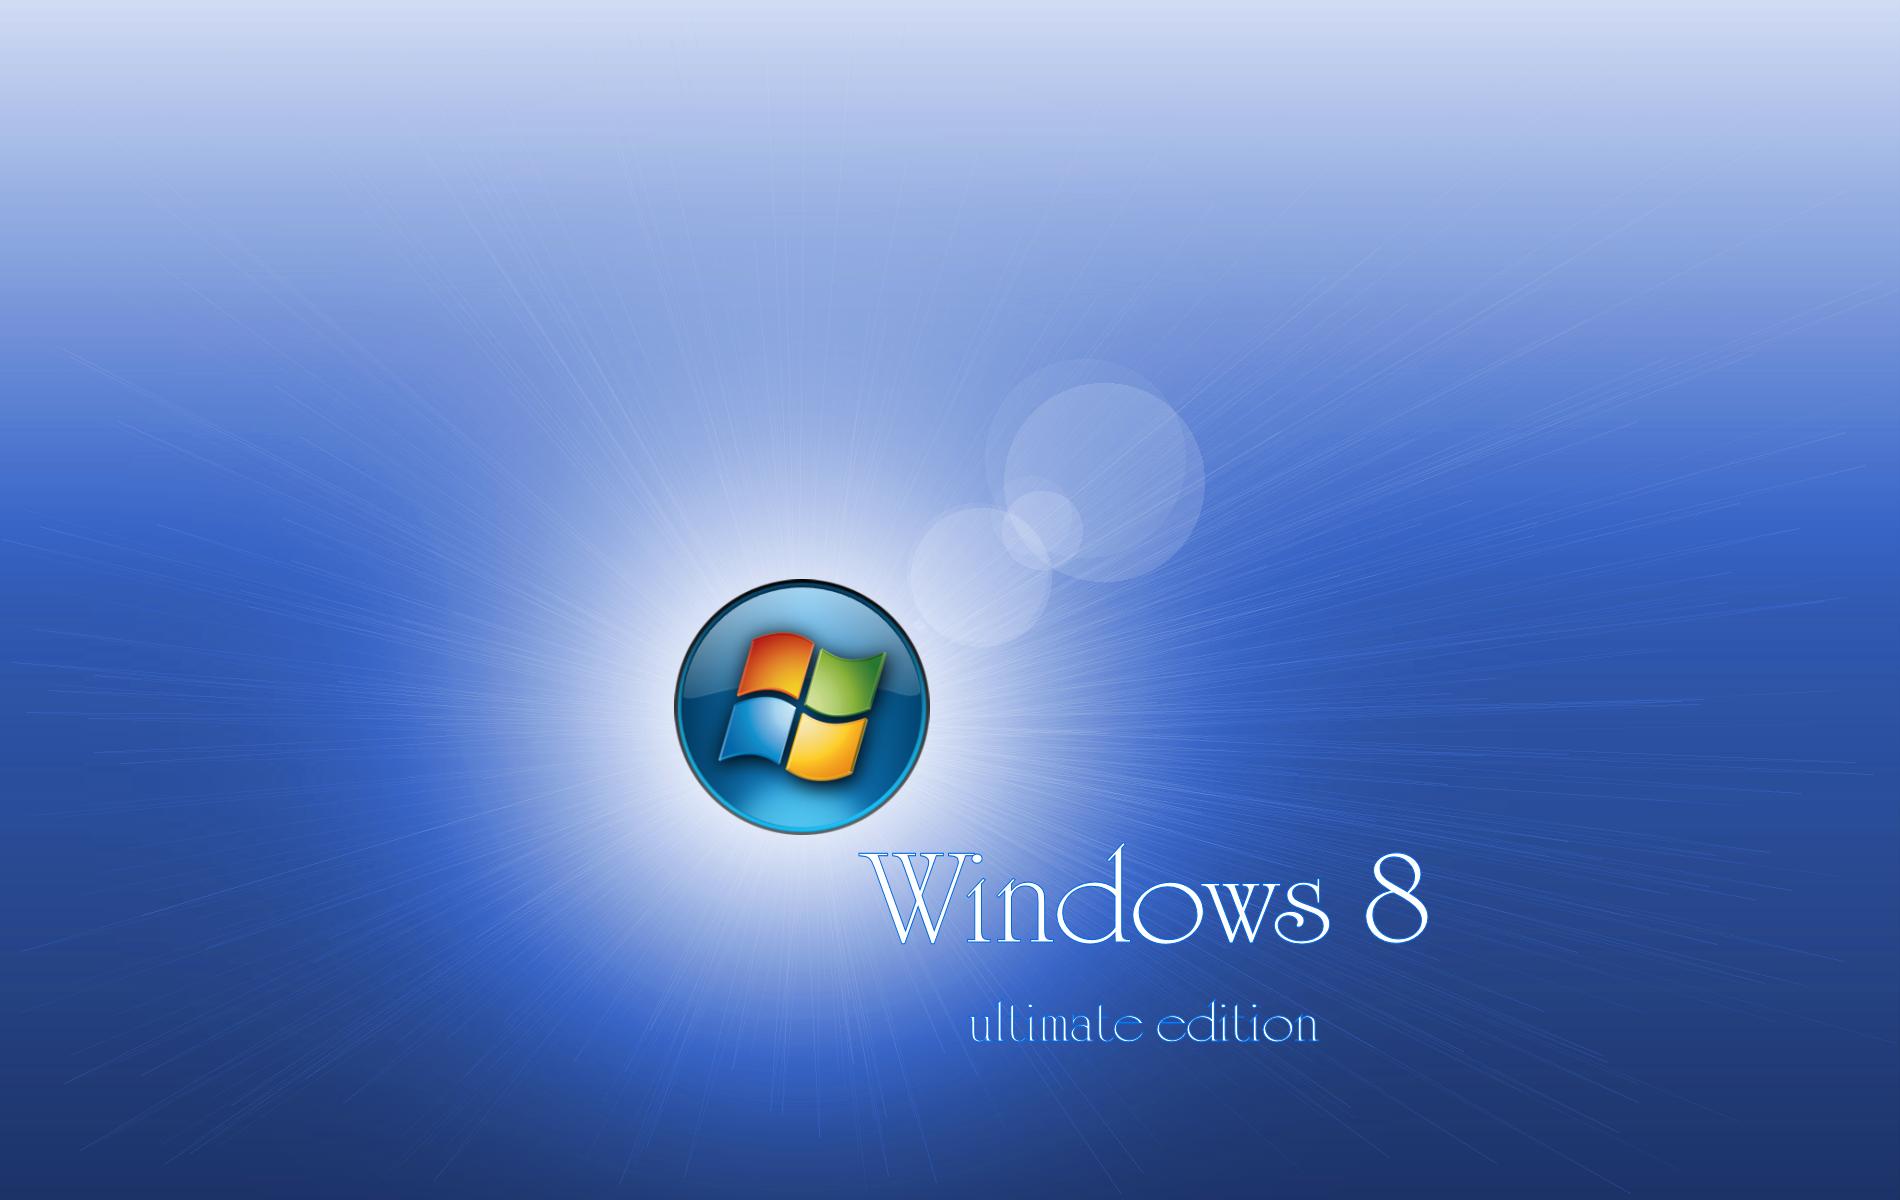 Windows 8 Wallpapers Windows 8 Wallpapers Download Desktop 1900x1200